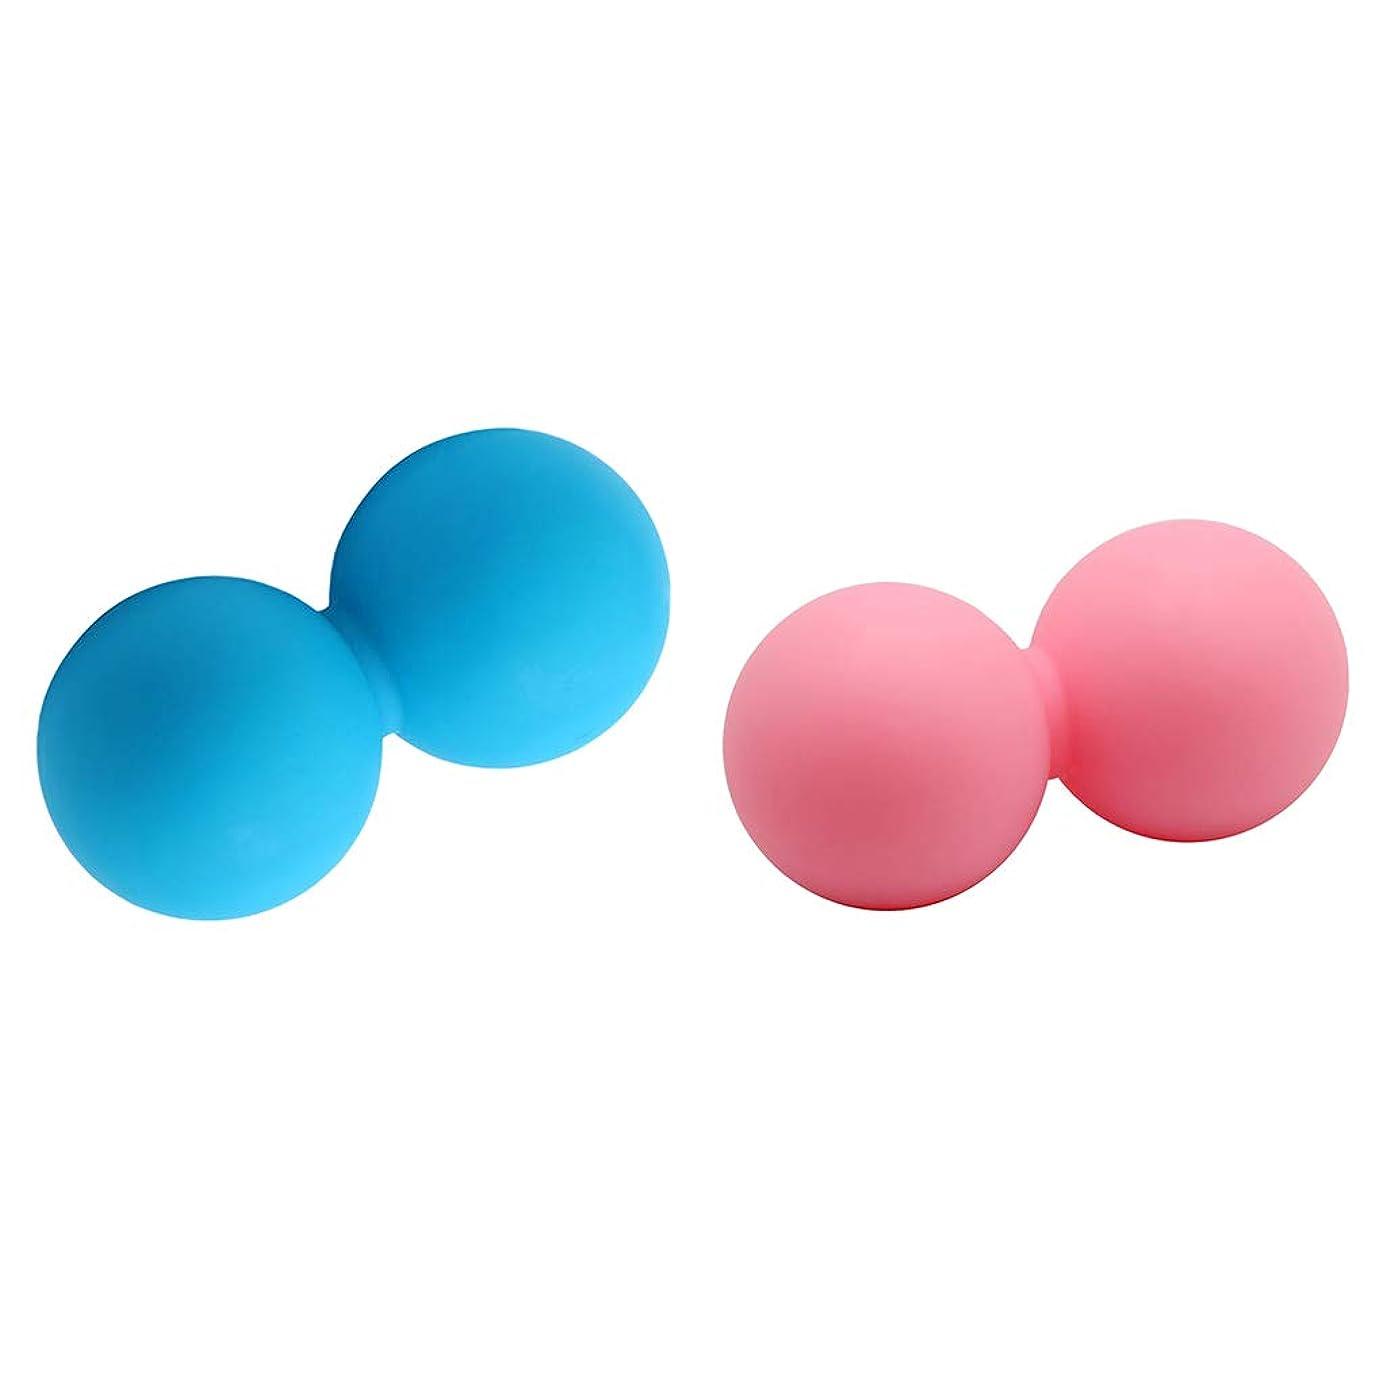 興奮する嘆く乞食FLAMEER 2個 マッサージボール ピーナッツ ダブルラクロスマッサージボール 筋膜リリース 家庭、オフィス旅行